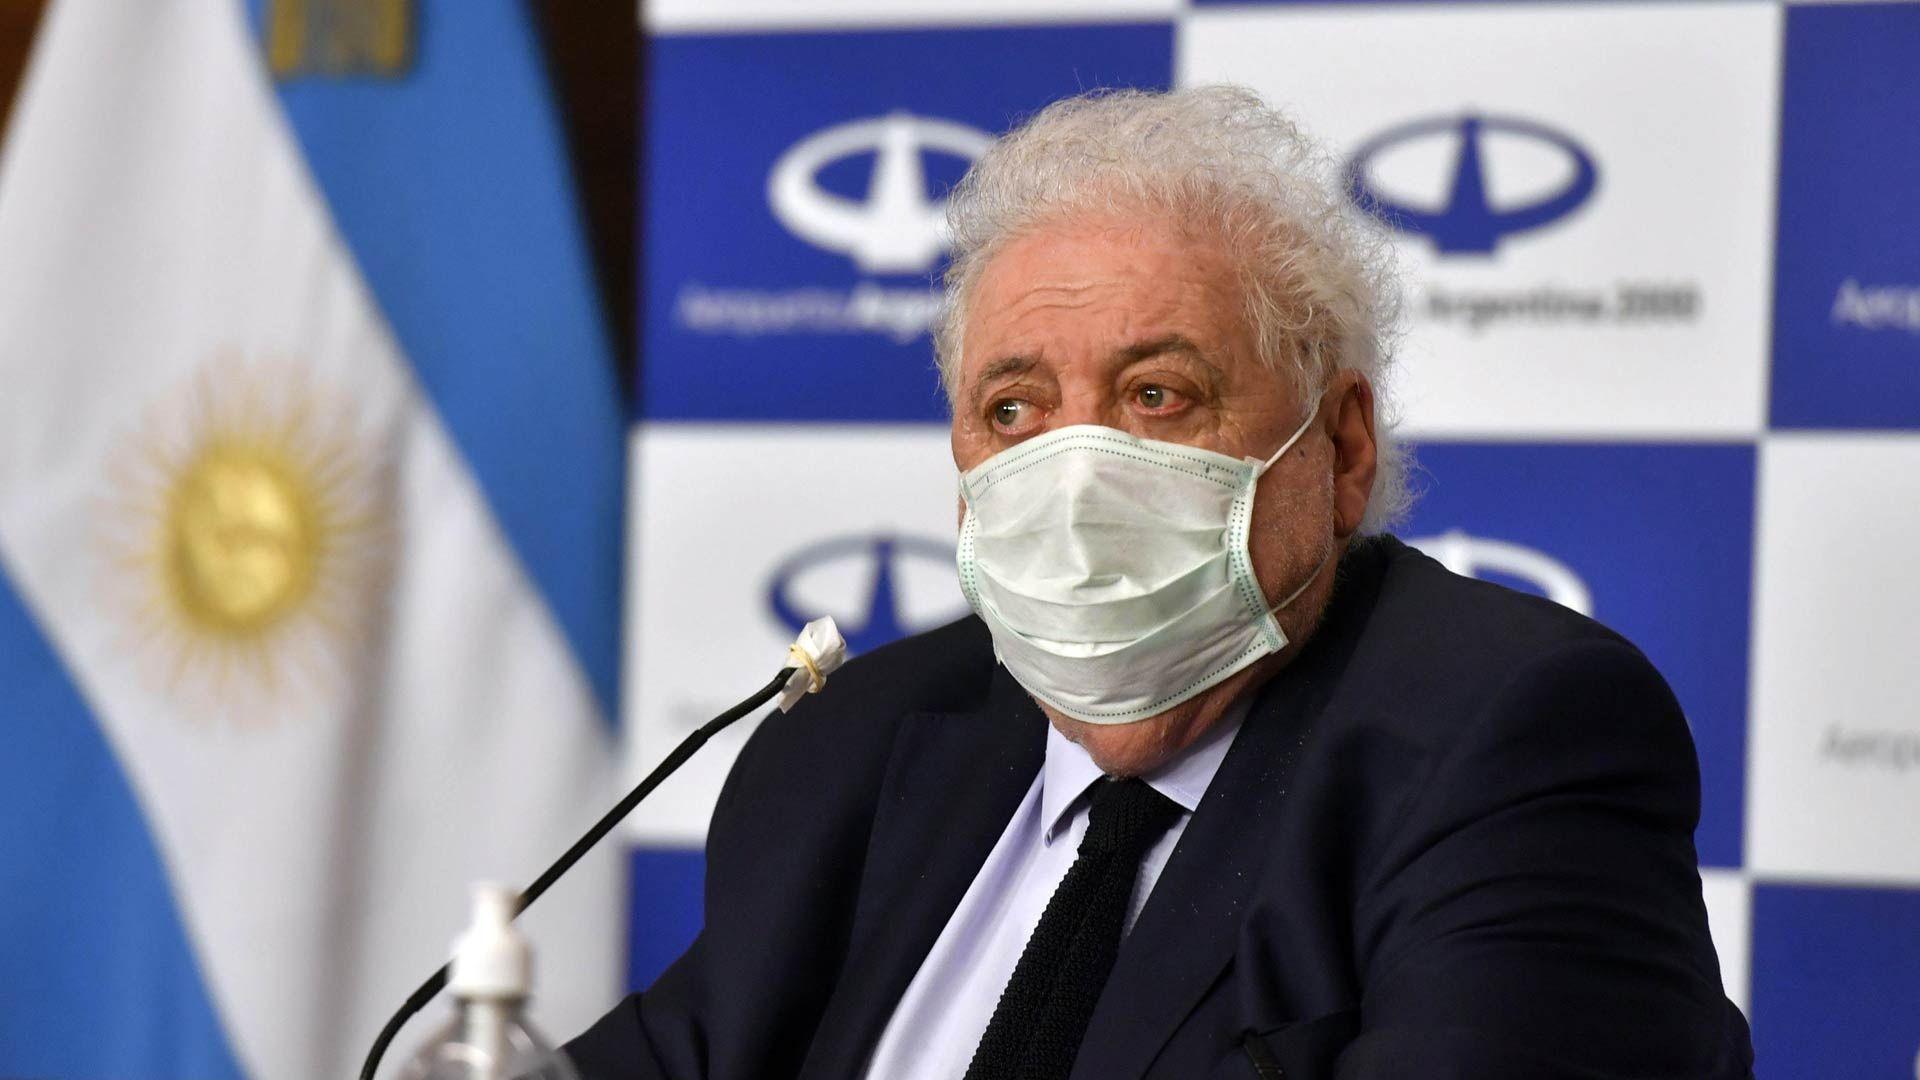 El Presidente le pidió la renuncia a Ginés González García